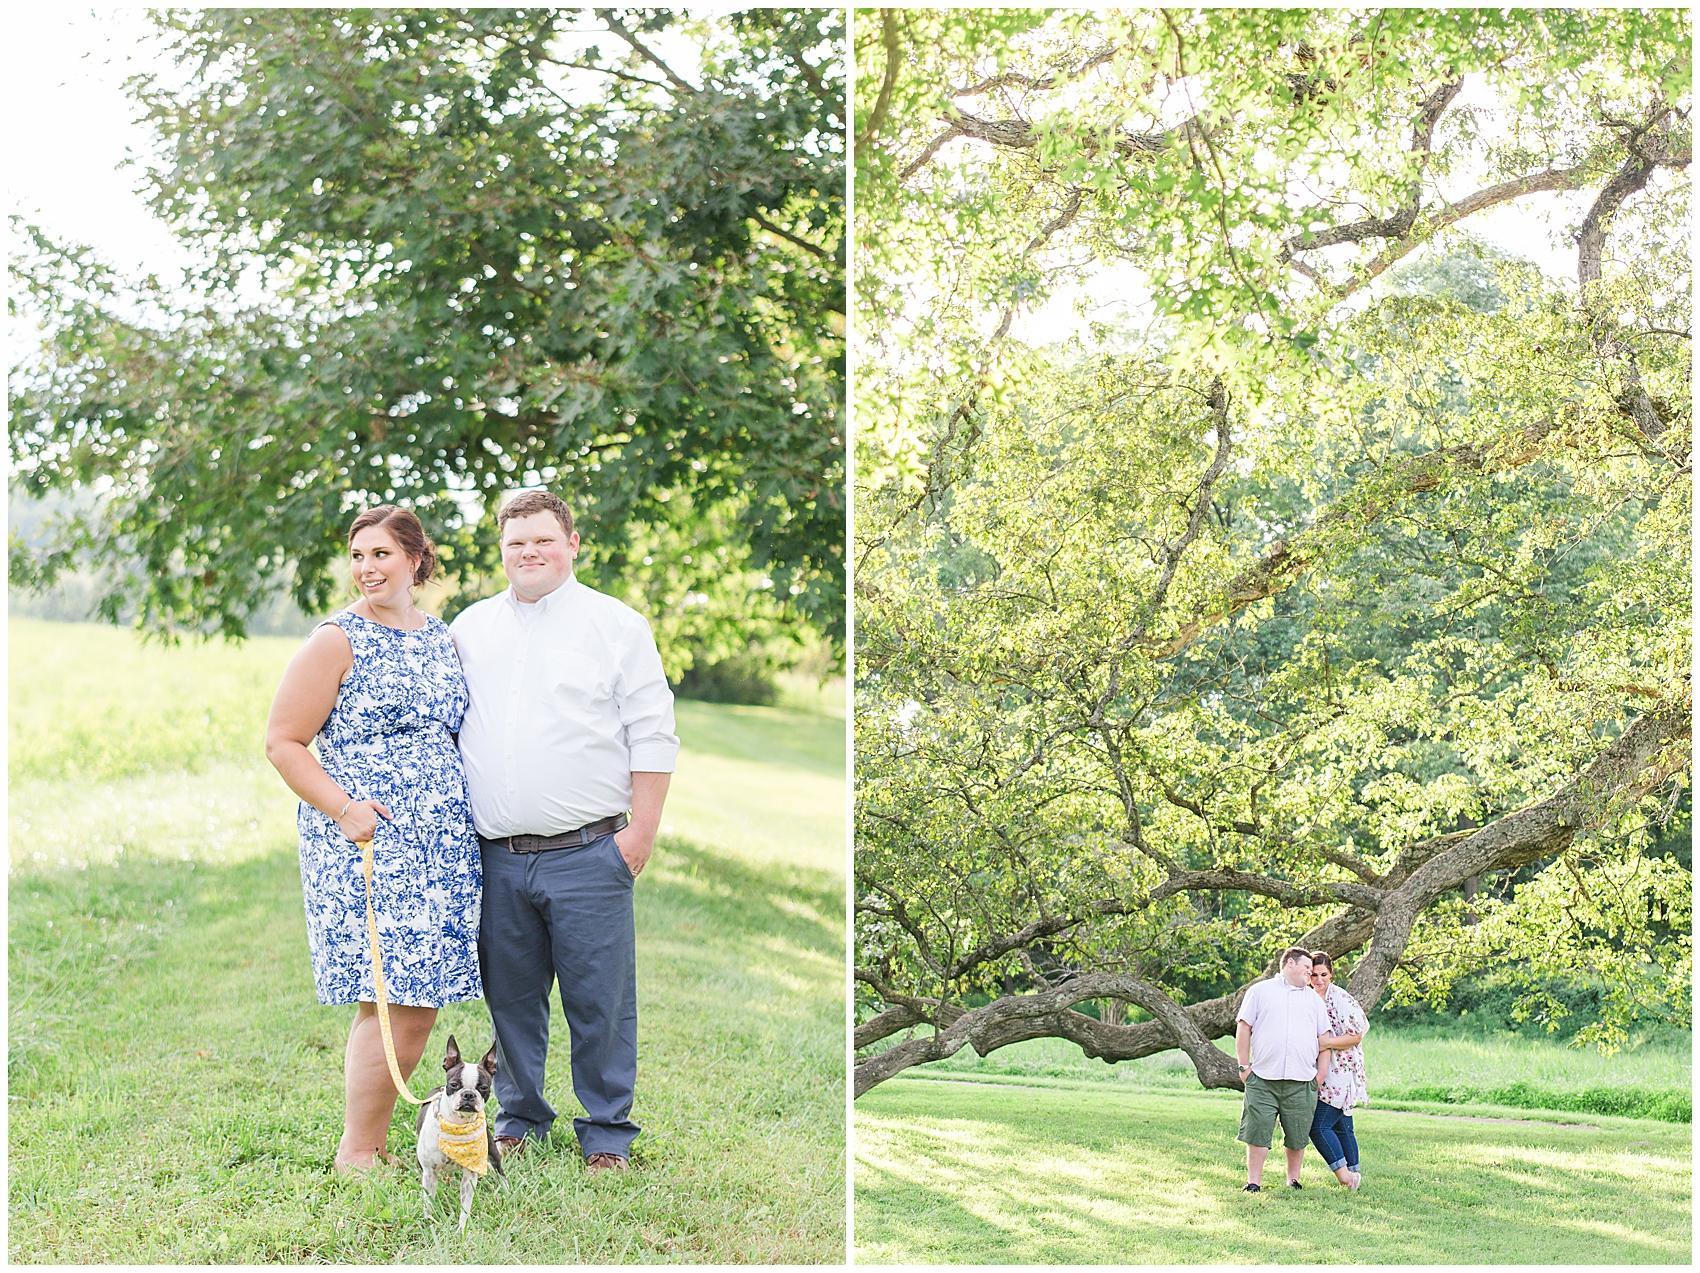 Springton-Manor-Farm-Photographer-19.jpg